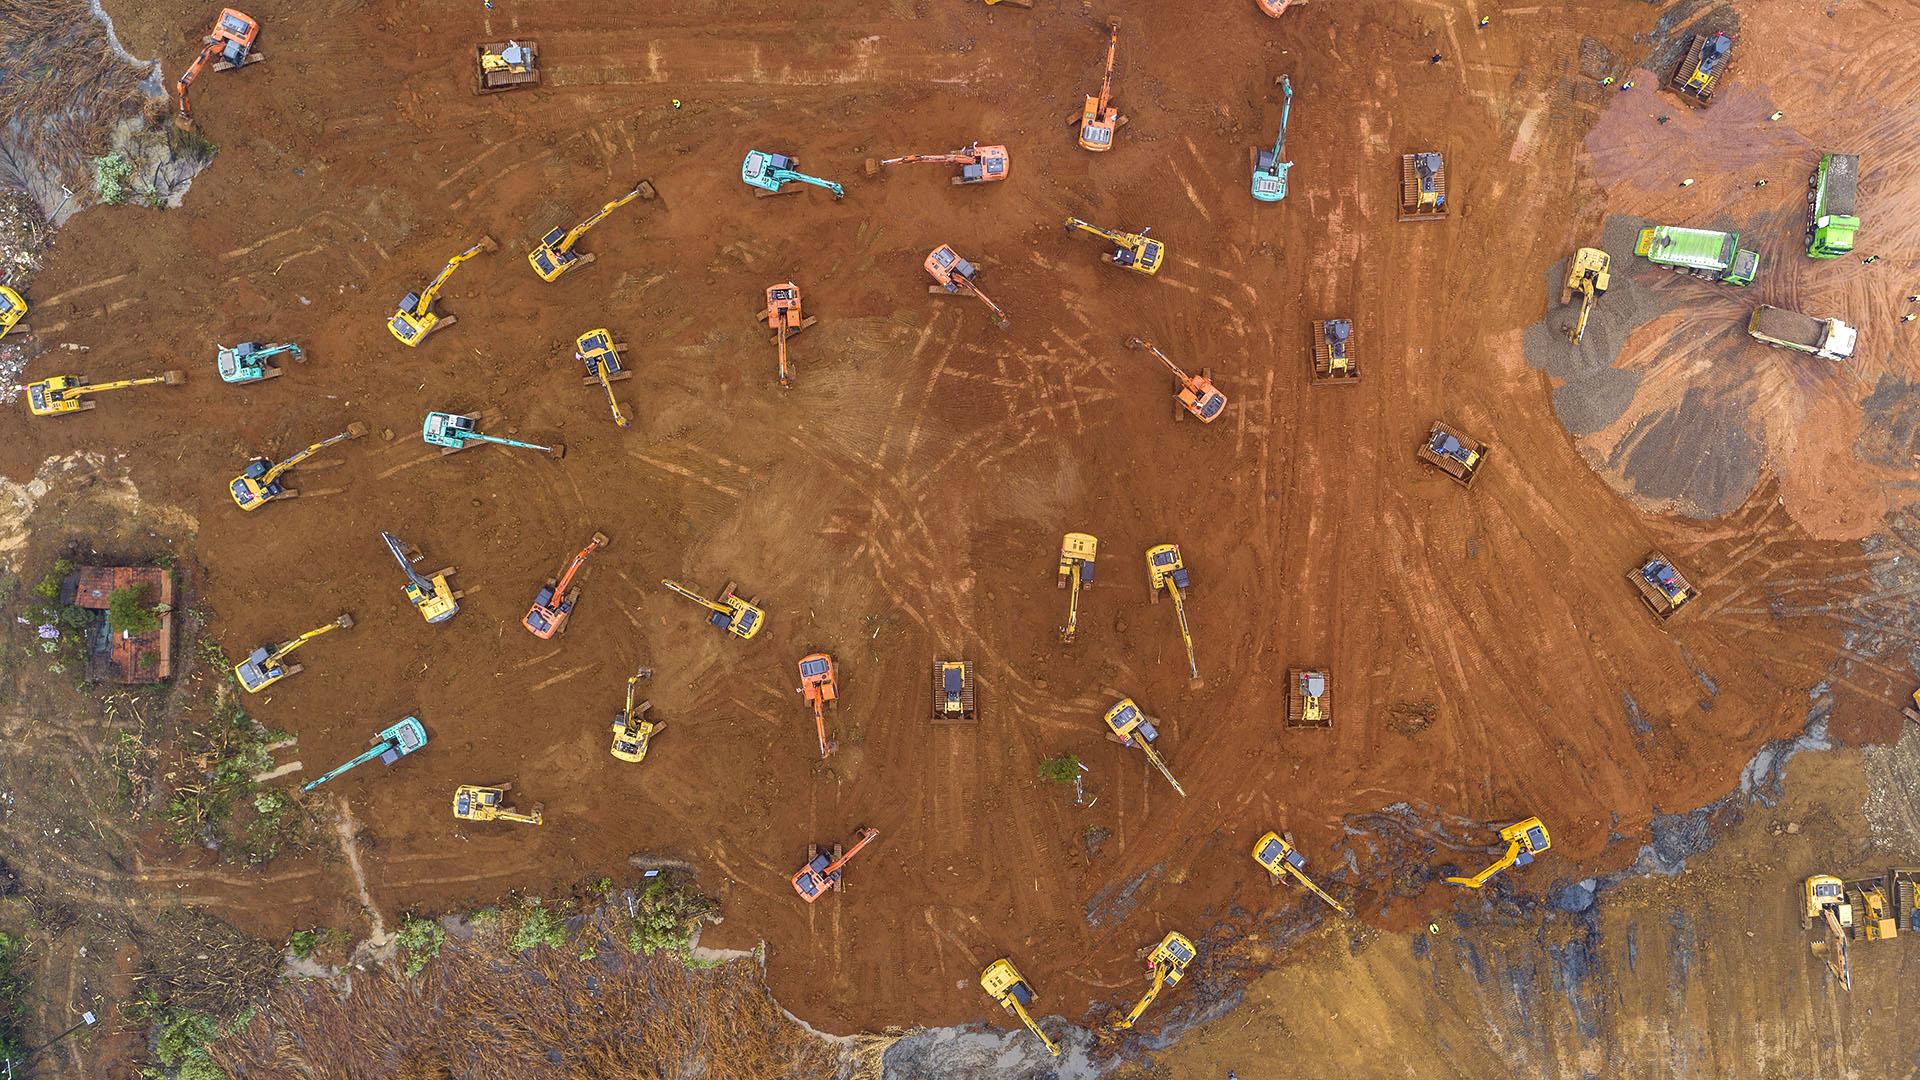 En Wuhan trabajan más de 50 máquinas sobre el terreno en el que se planea levantar un hospital en 10 días (Photo by STR / AFP)